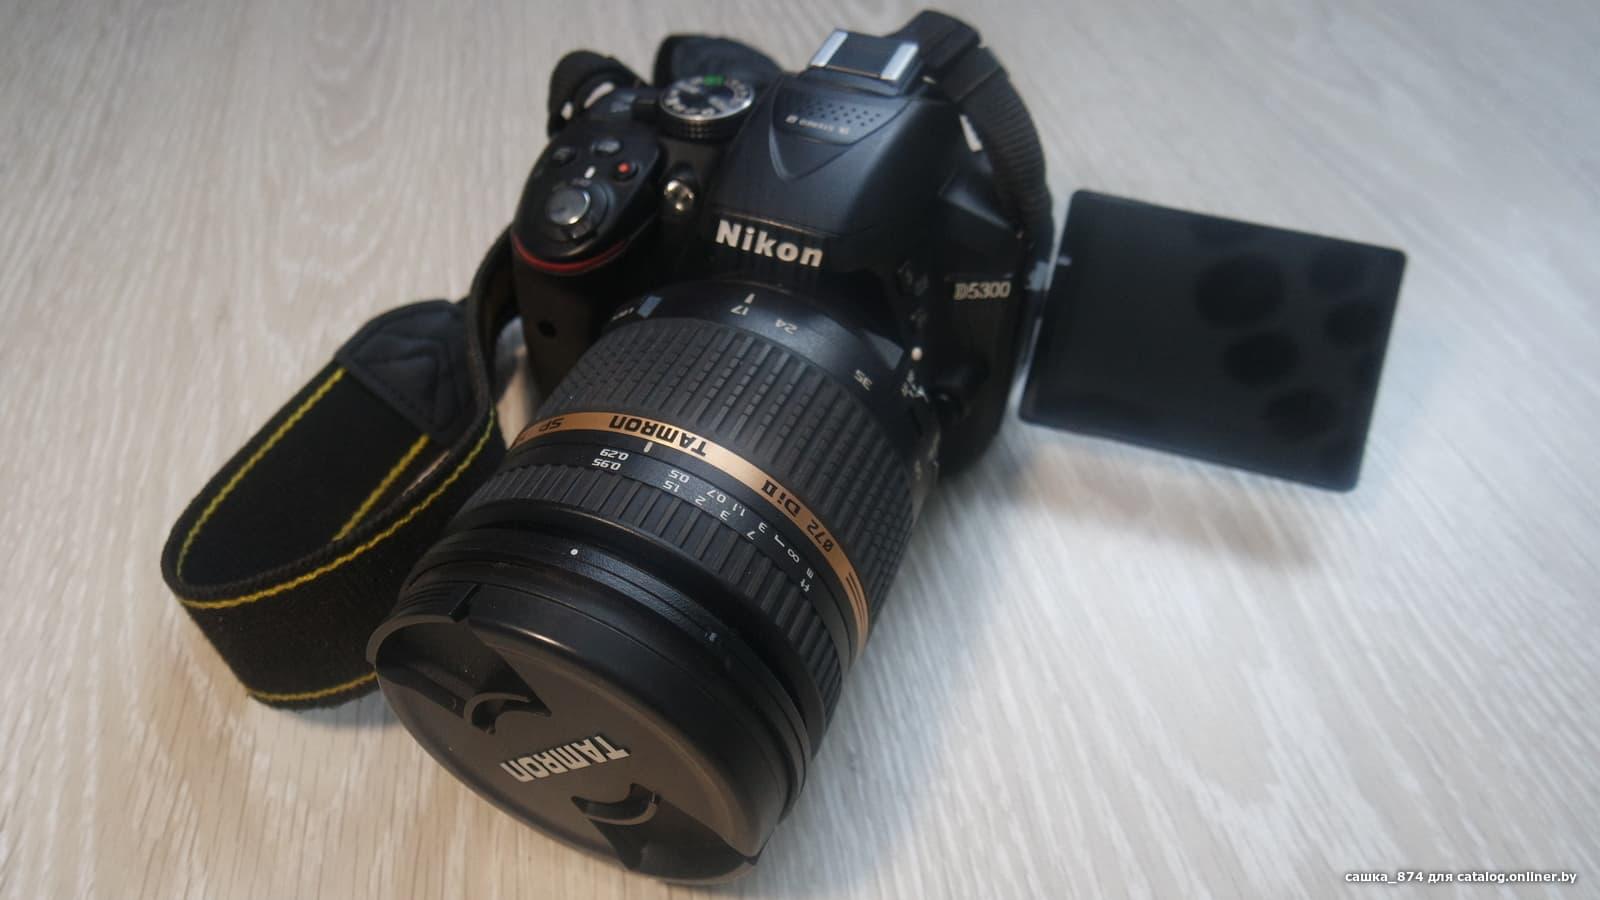 база китовый фотоаппарат что это служит обеденным